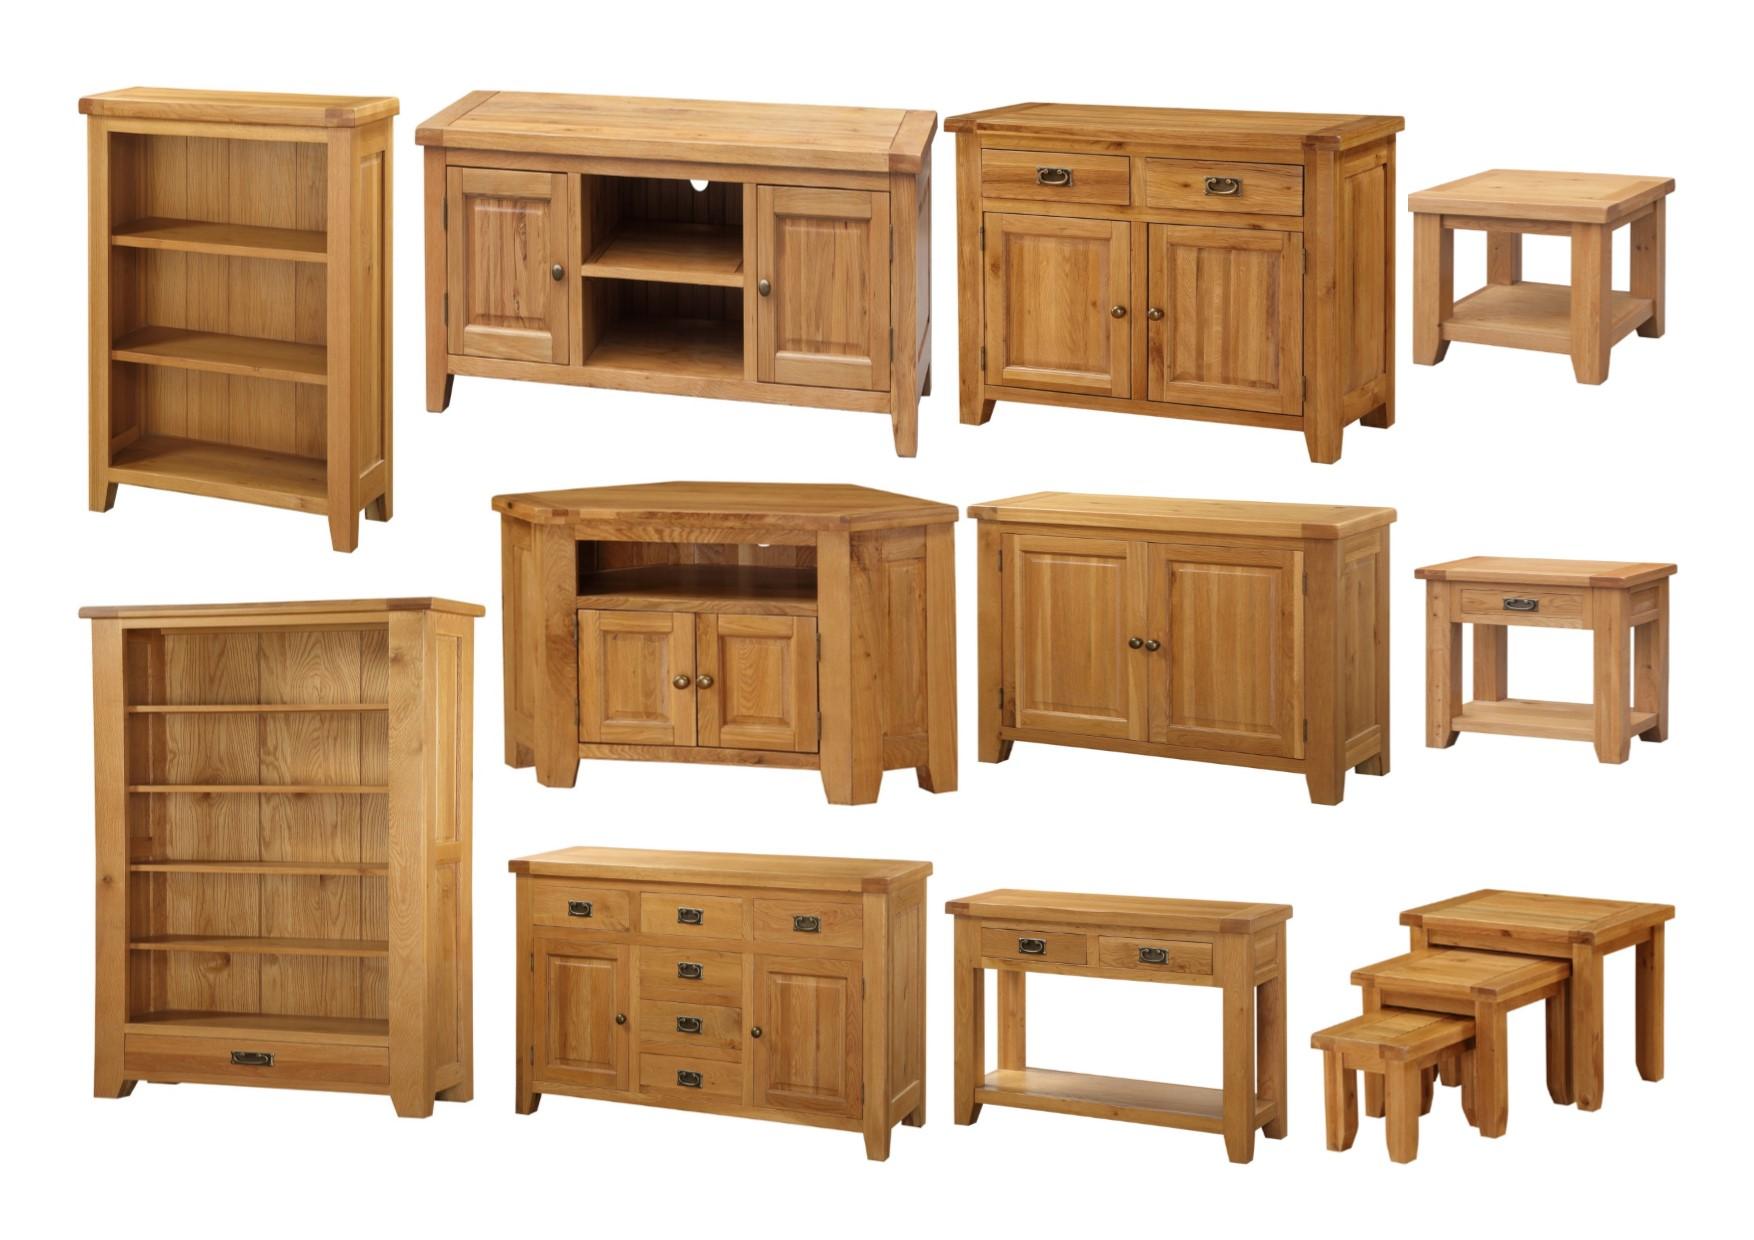 Heartlands acorn solid oak living room furniture storage - Storage units living room furniture ...